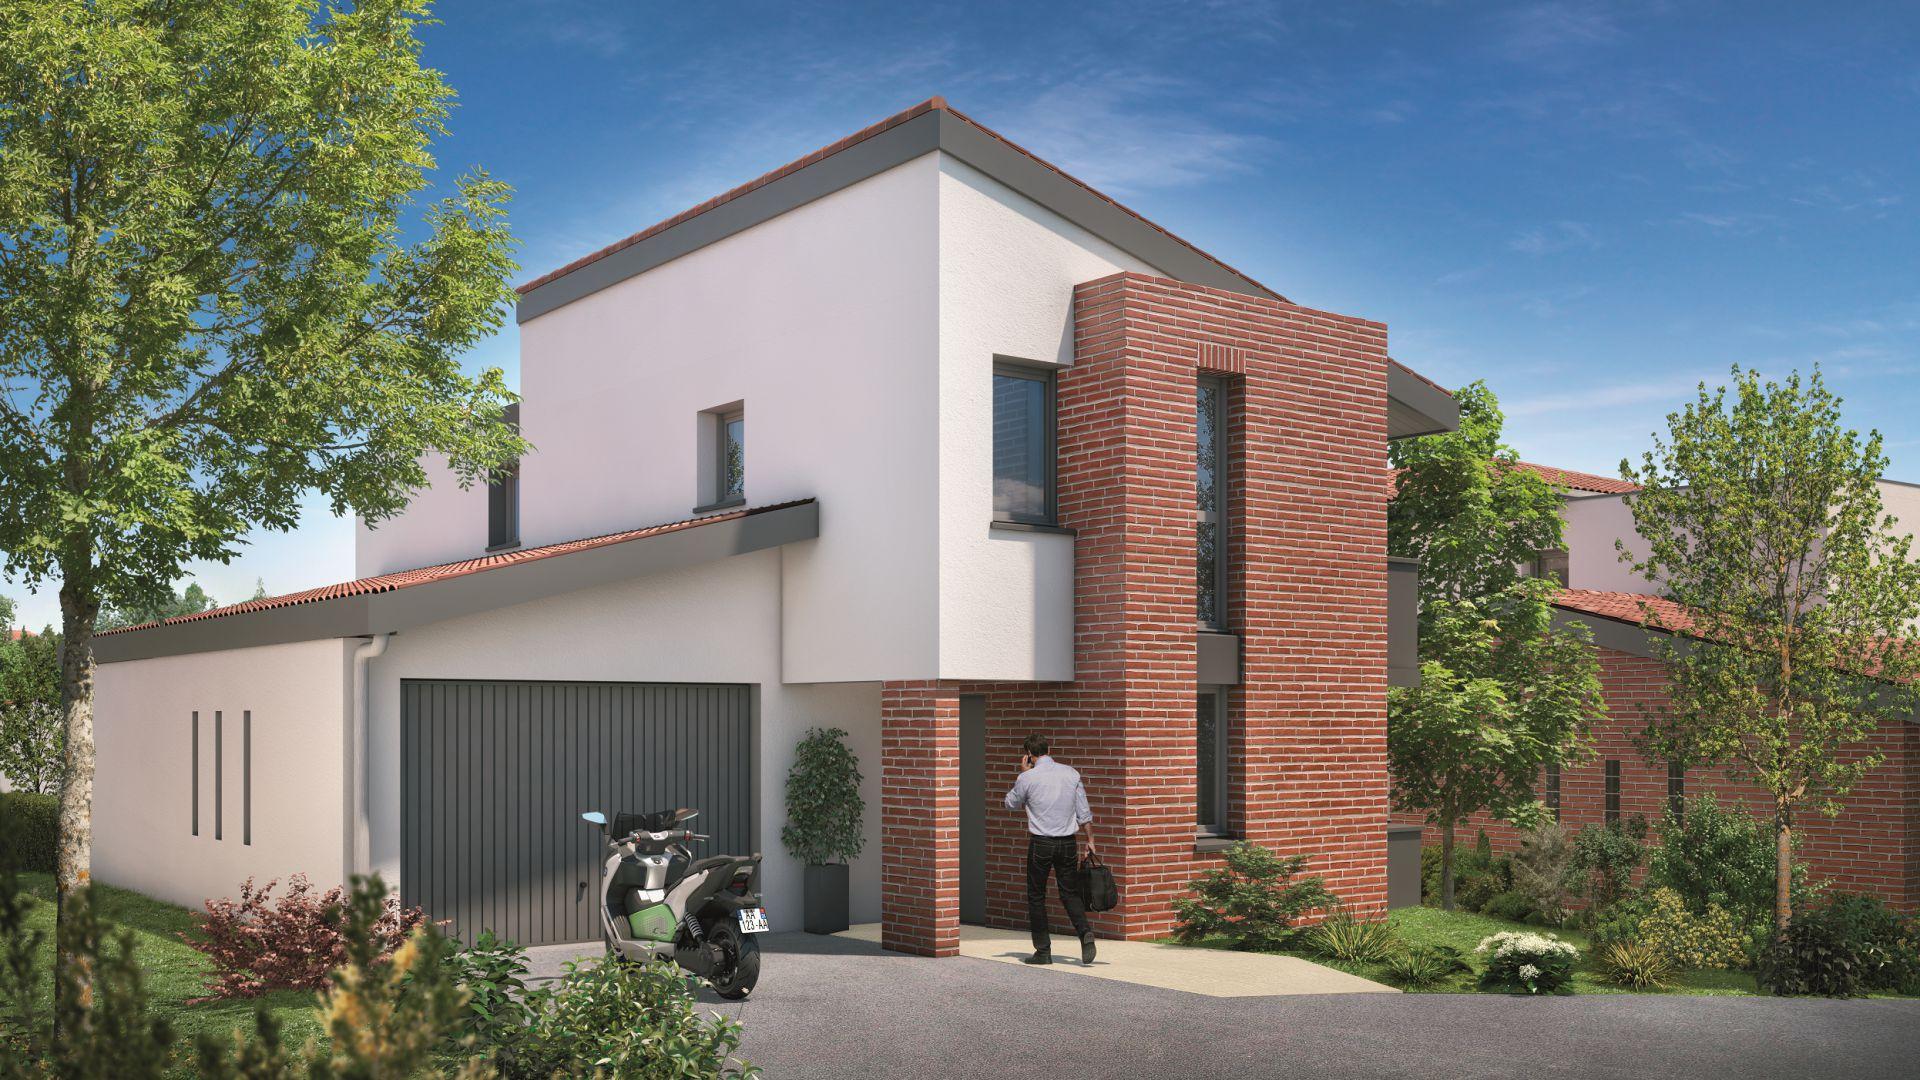 Greencity Immobilier - Villas Valéria - 31320 Auzeville - Villas 5 neuves T6 - appartements neufs T2-T3